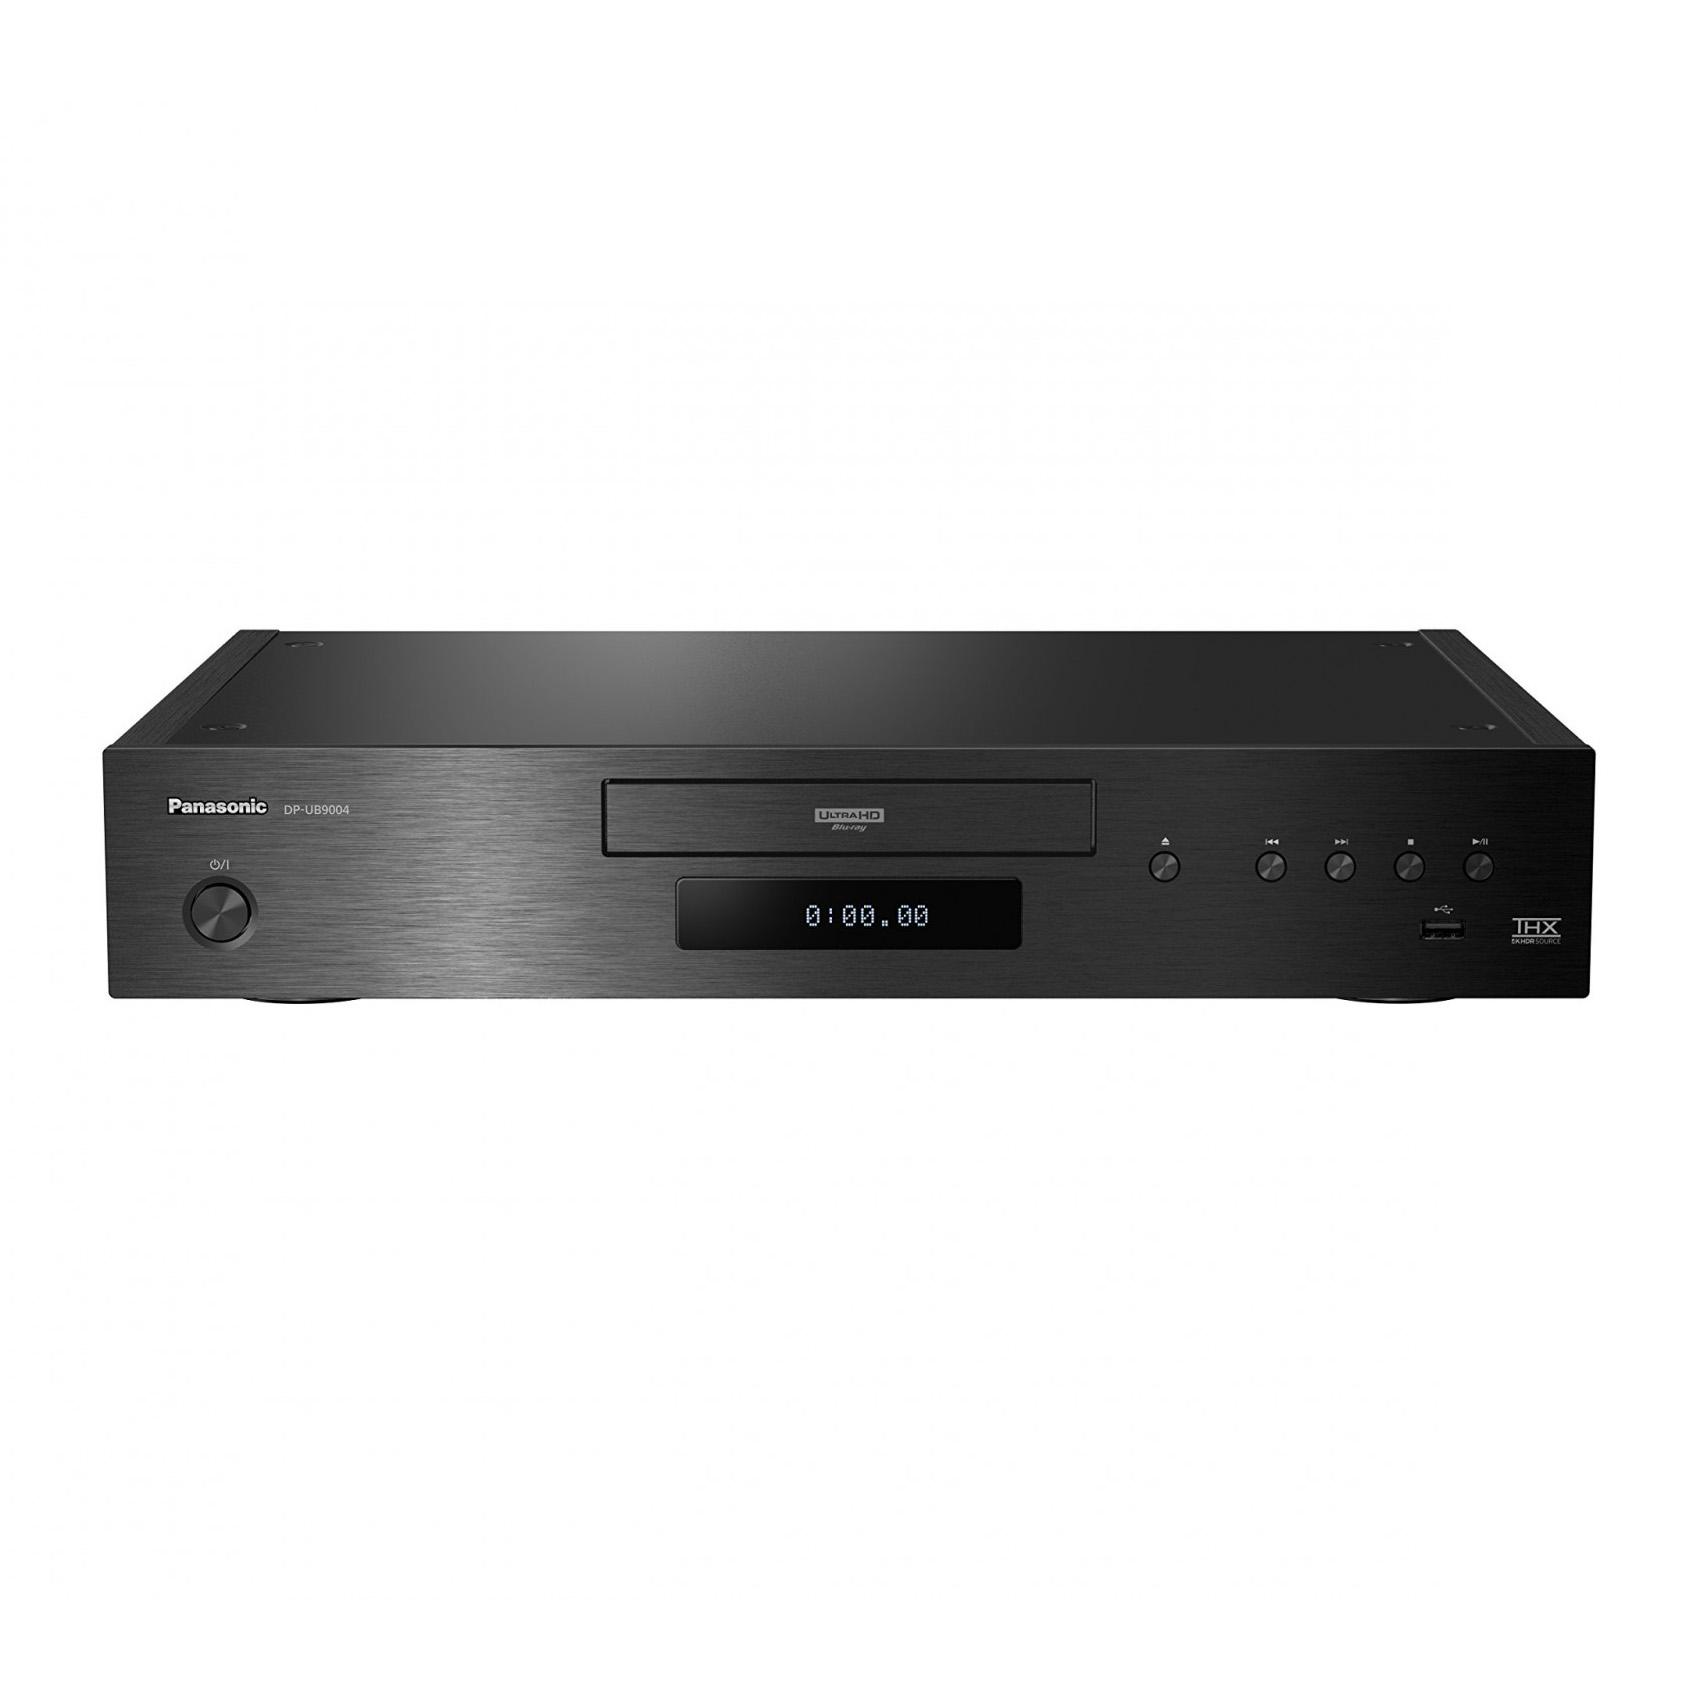 Panasonic DP-UB9004EGK Premium UHD Blu-ray Player #schwarz [Panasonic]